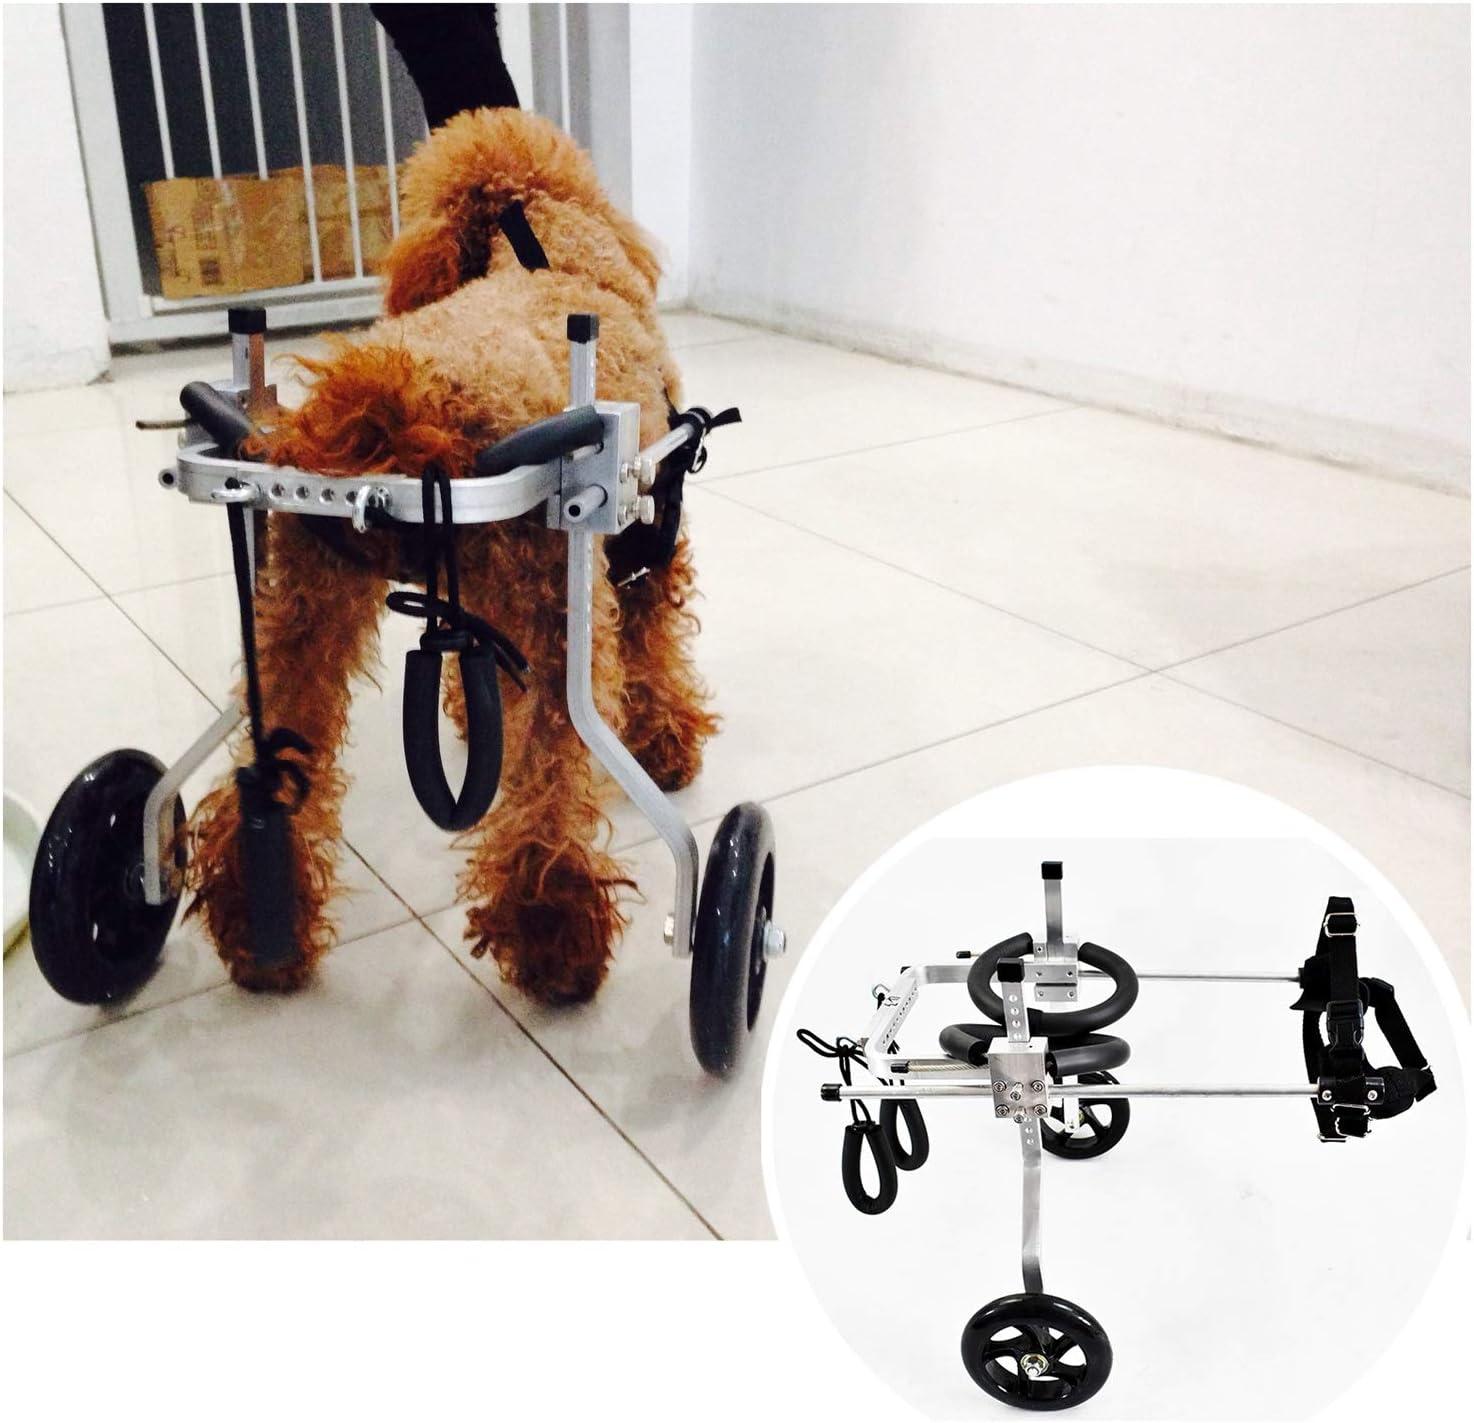 1-60kg Silla De Ruedas para Pierna Trasera Carro De Animales con Discapacidad Física Scooter para Mascotas Ruedas para Pierna Trasera Perros Rehabilitación 2 Ruedas Ajustable (8 Tamaños) (Size : XL)